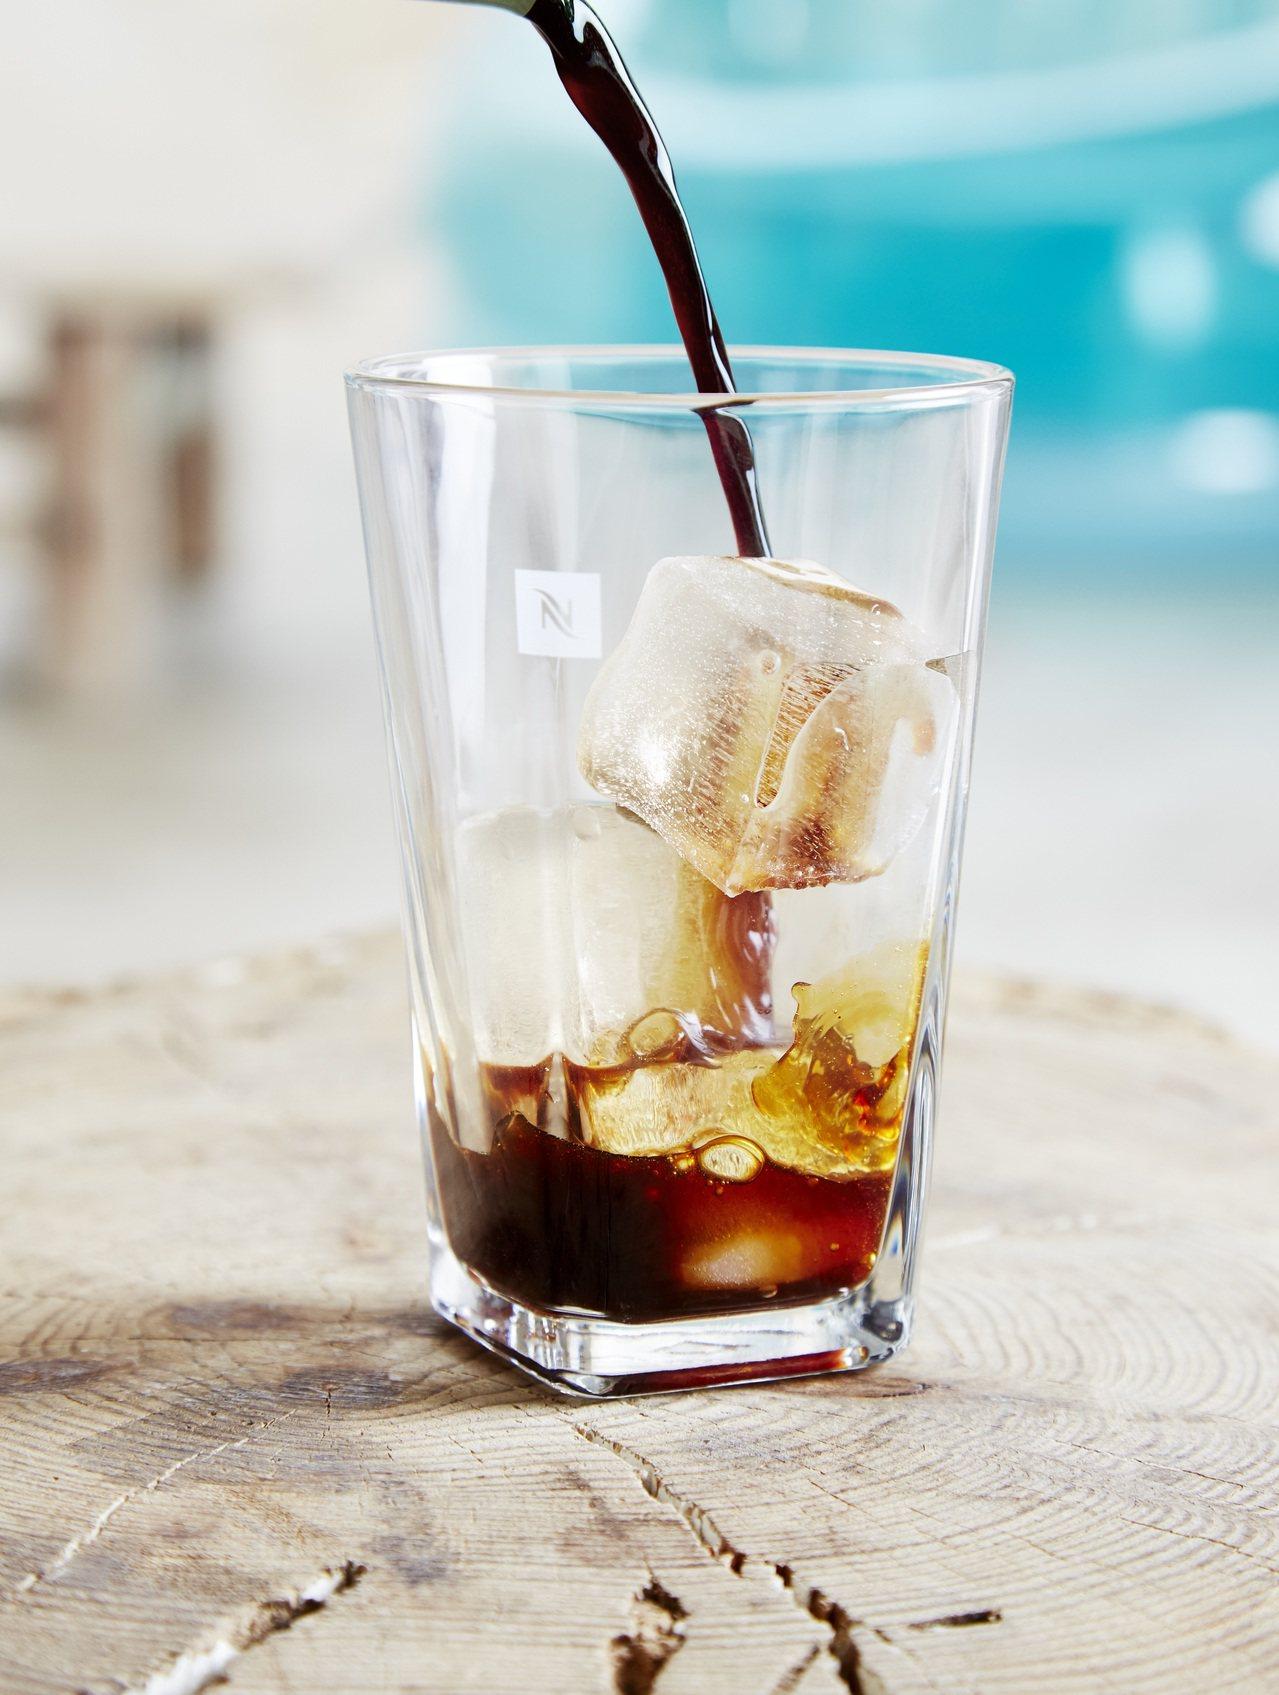 Nespresso推出夏季限量款冰咖啡。圖/Nespresso提供